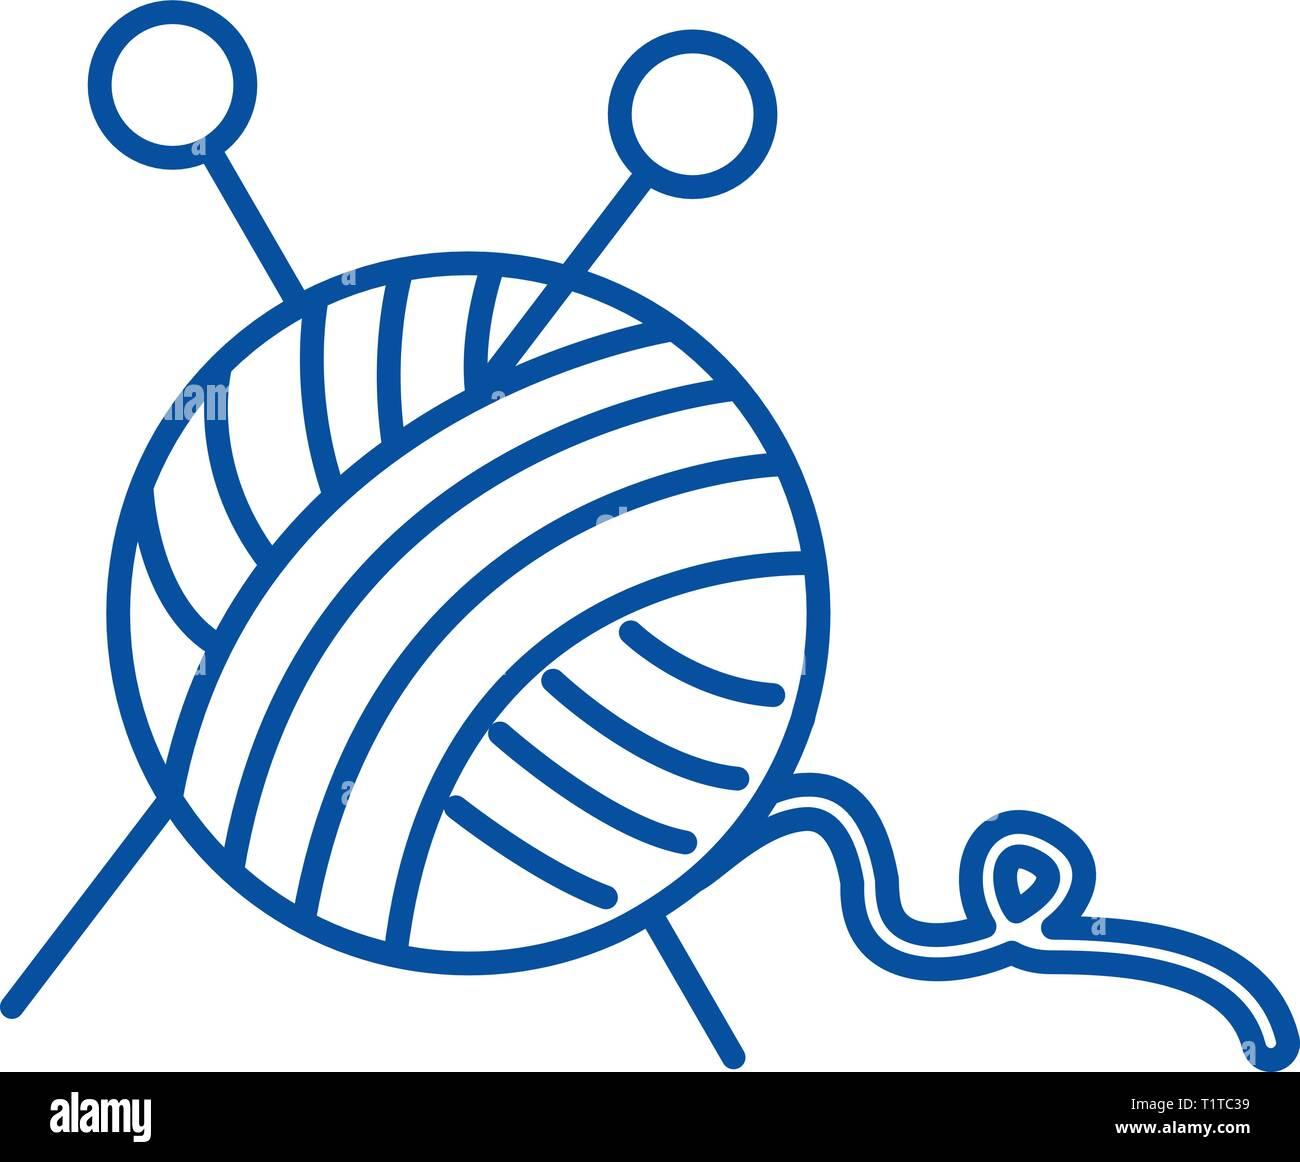 Pelote de laine,Couture,aiguilles à une icône ligne concept. Pelote de laine,Couture,des aiguilles à tricoter à plat, signe, symbole vecteur illustration contour. Illustration de Vecteur